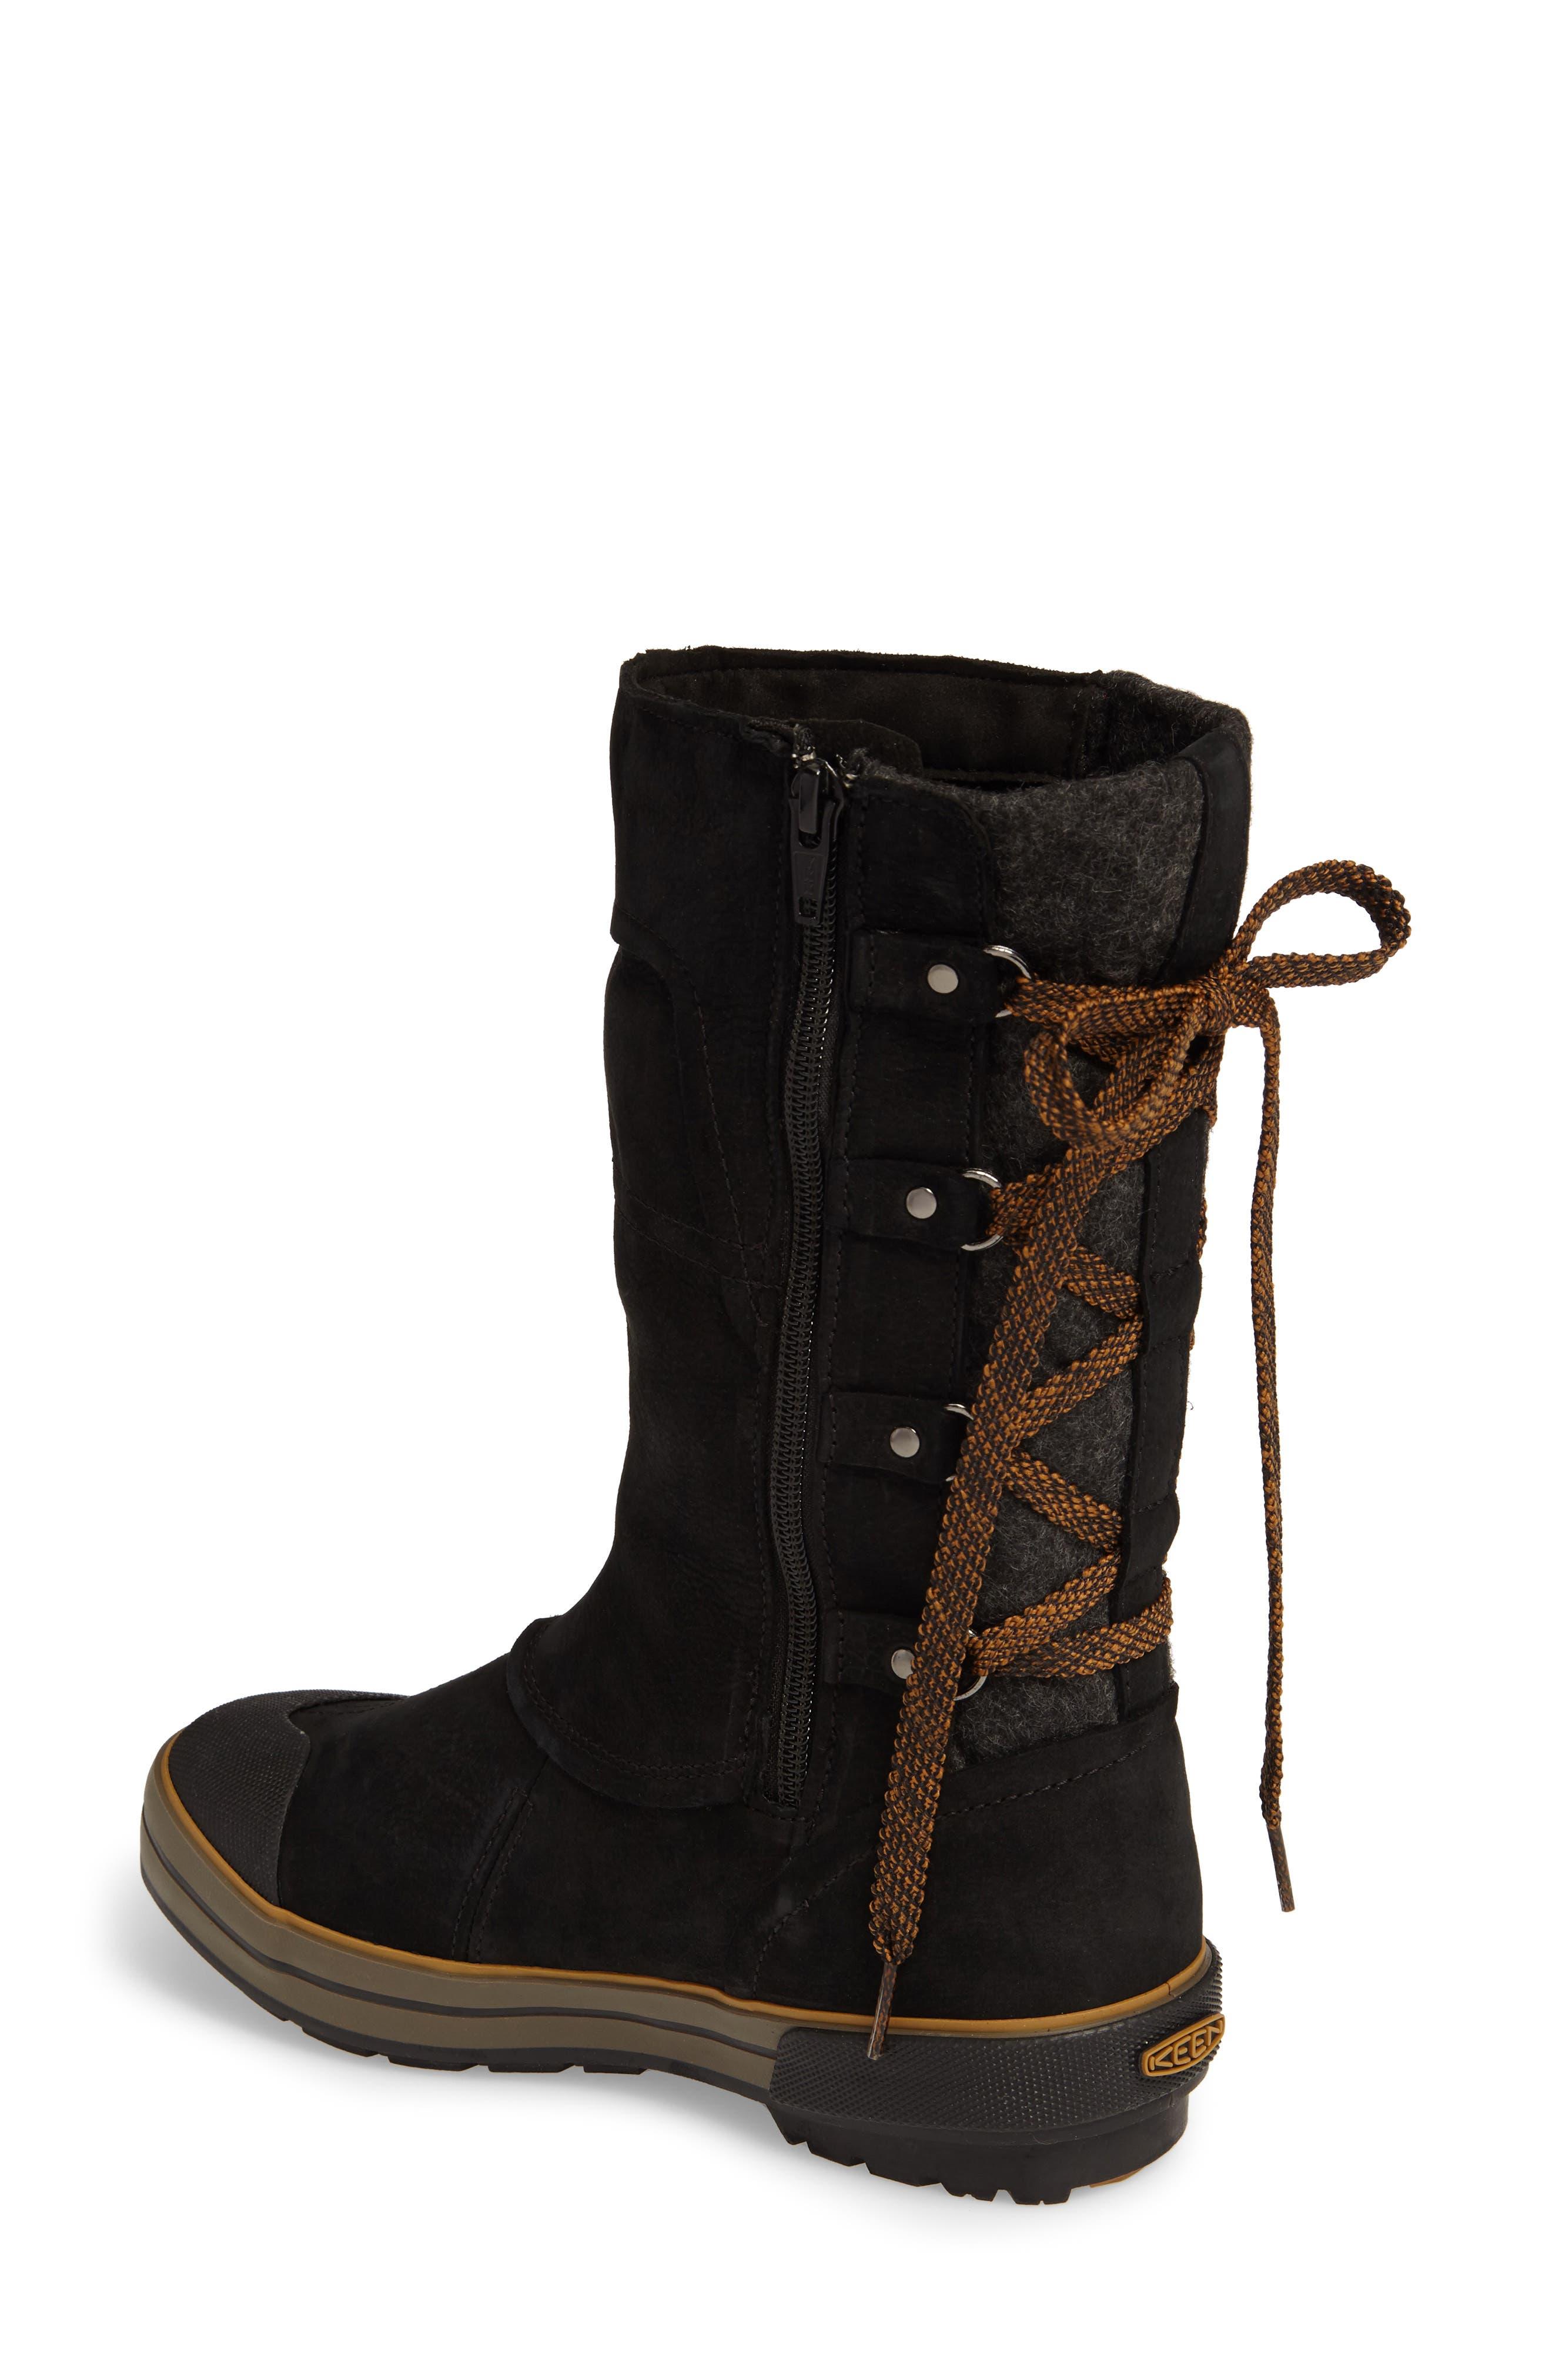 Elsa Premium Tall Waterproof Boot,                             Alternate thumbnail 2, color,                             001